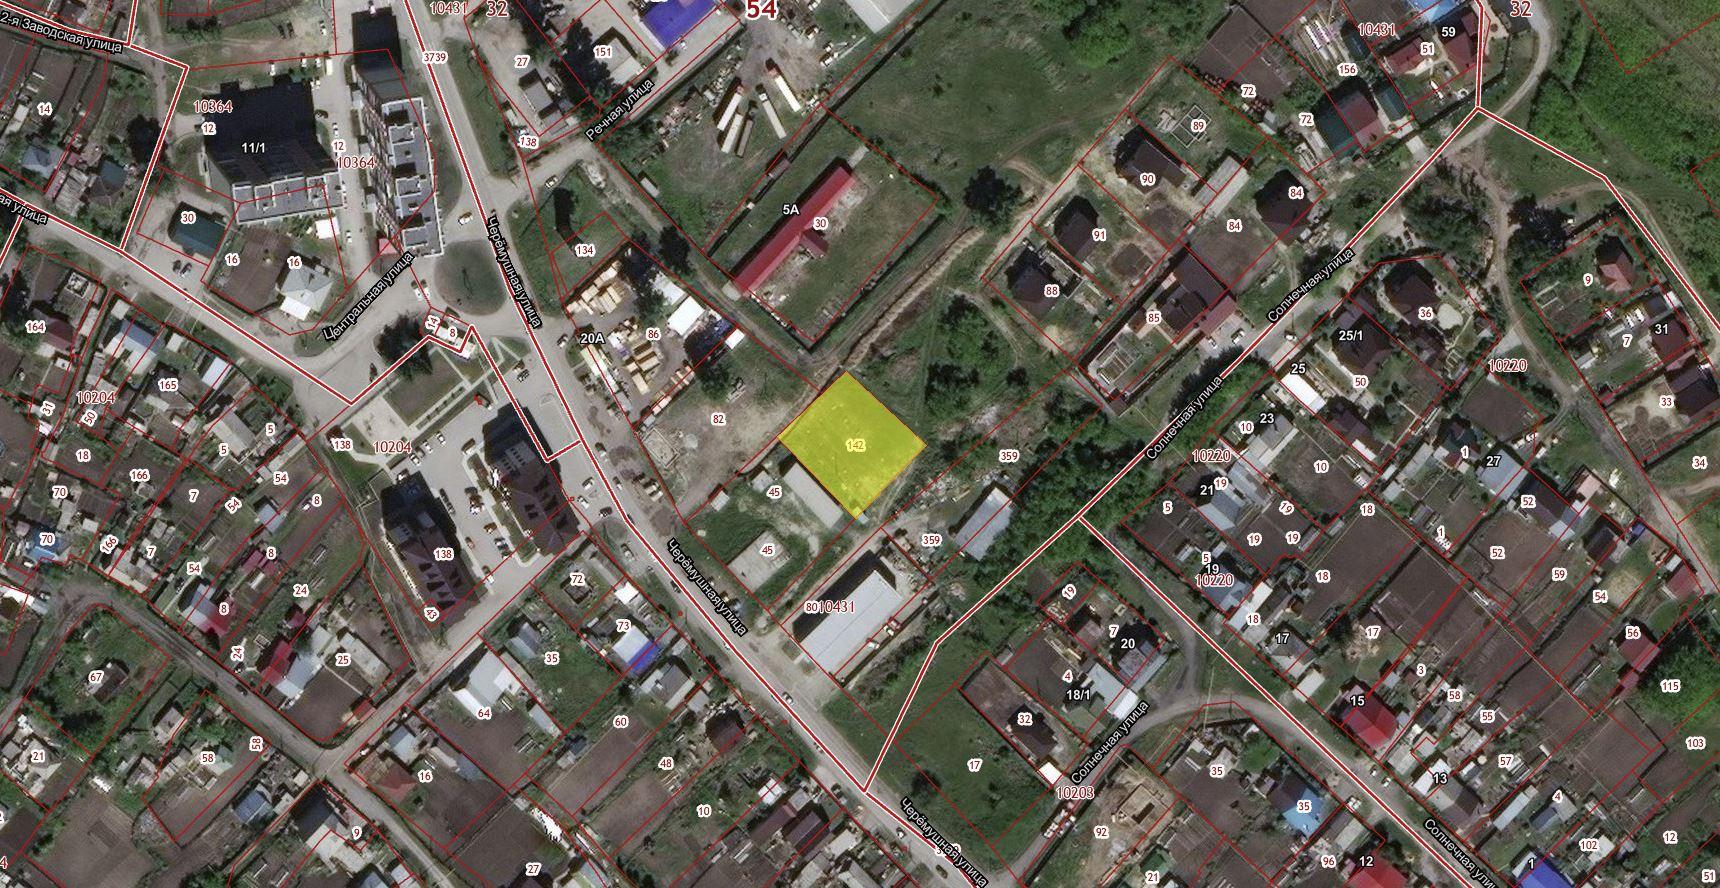 Земельный участок с кадастровым номером 54:32:010431:142, с местоположением: Новосибирская область, г. Бердск, в районе улицы Солнечная, 1а, с разрешенным использованием: склады. Неразграниченная государственная собственность. Площадь 1303,0 кв. м.